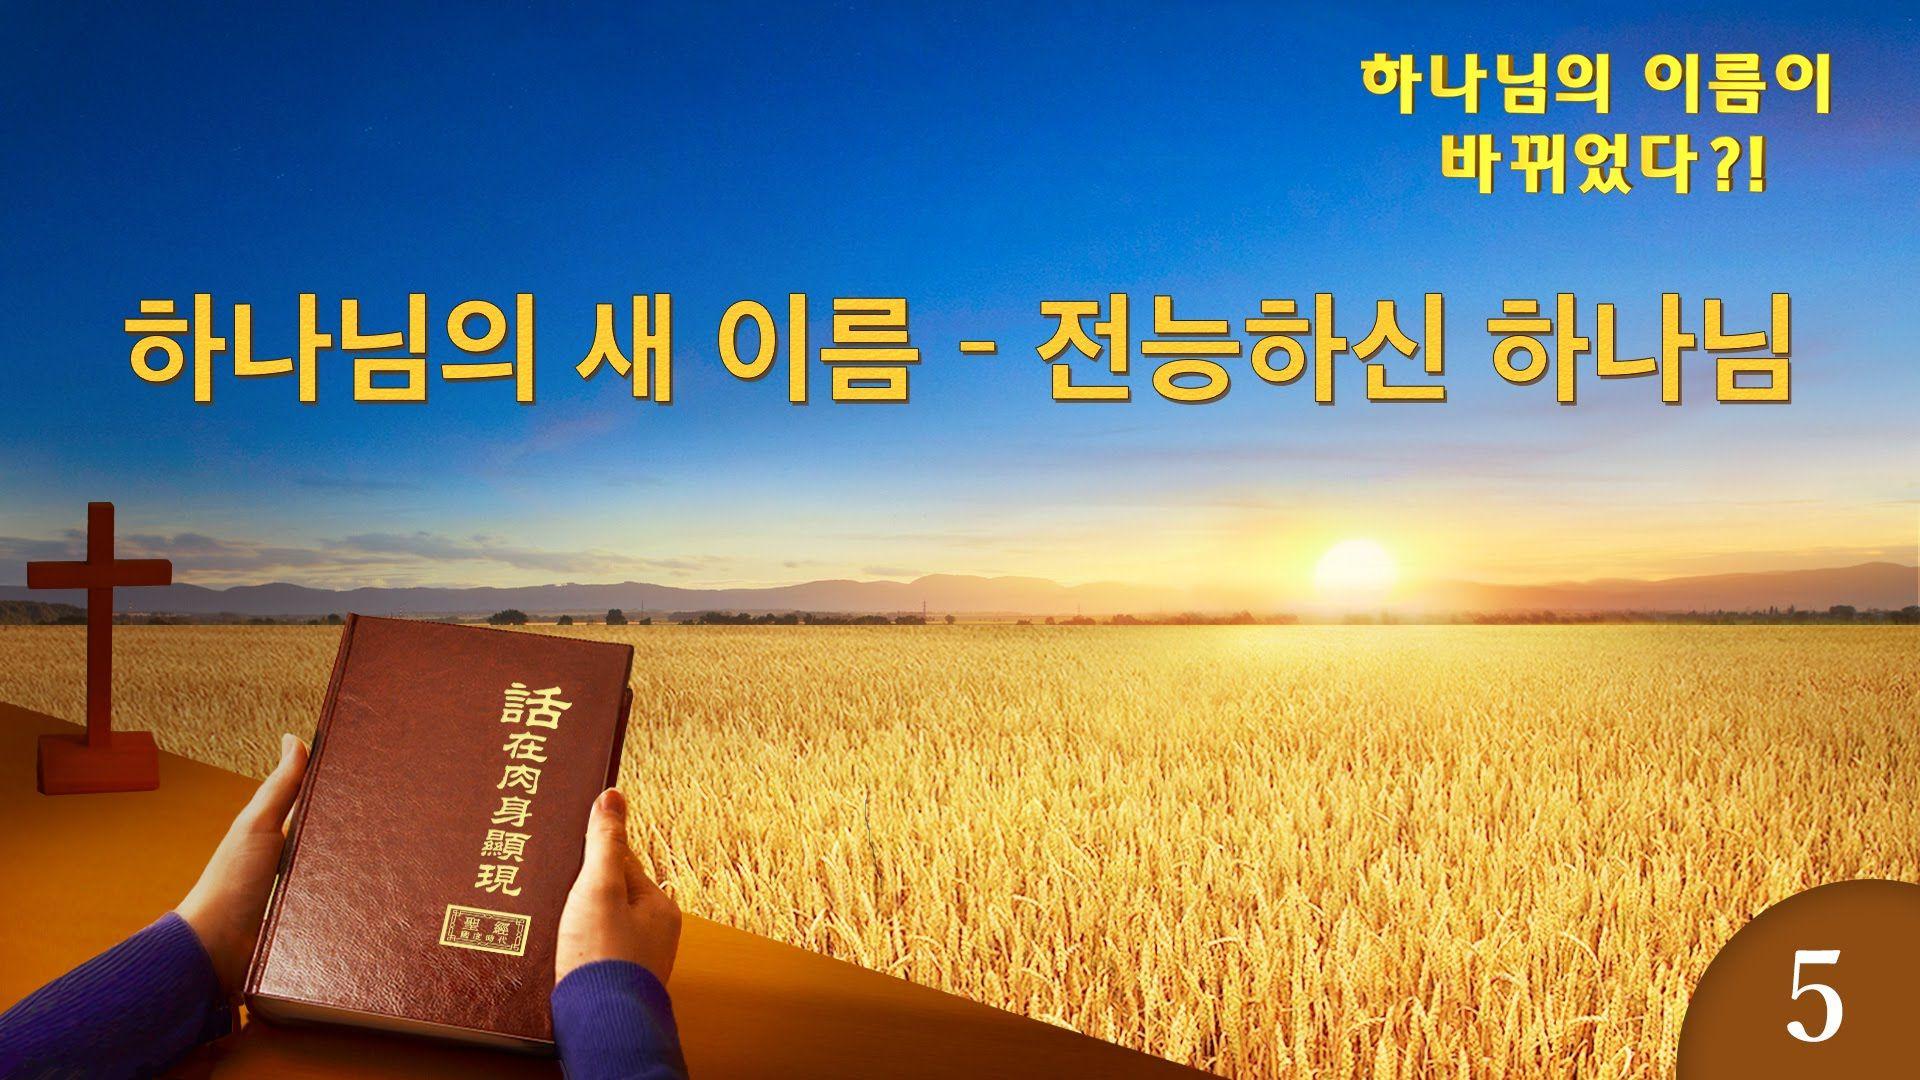 「하나님의 이름이 바뀌었다?!」하나님의 새 이름 – 전능하신 하나님